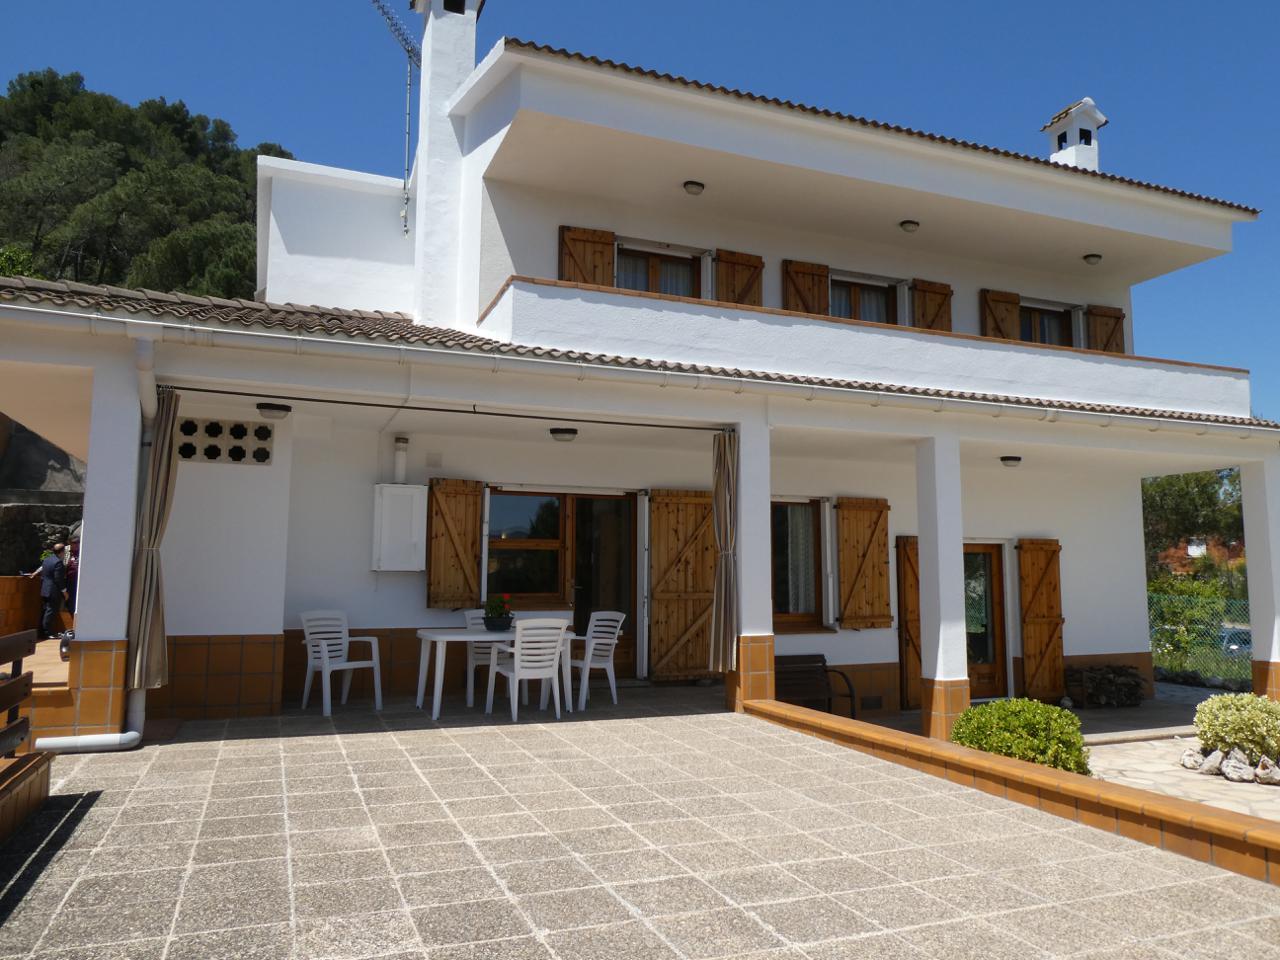 villa en montornes-del-valles · carrer-de-princesa-sofia-08170 350000€